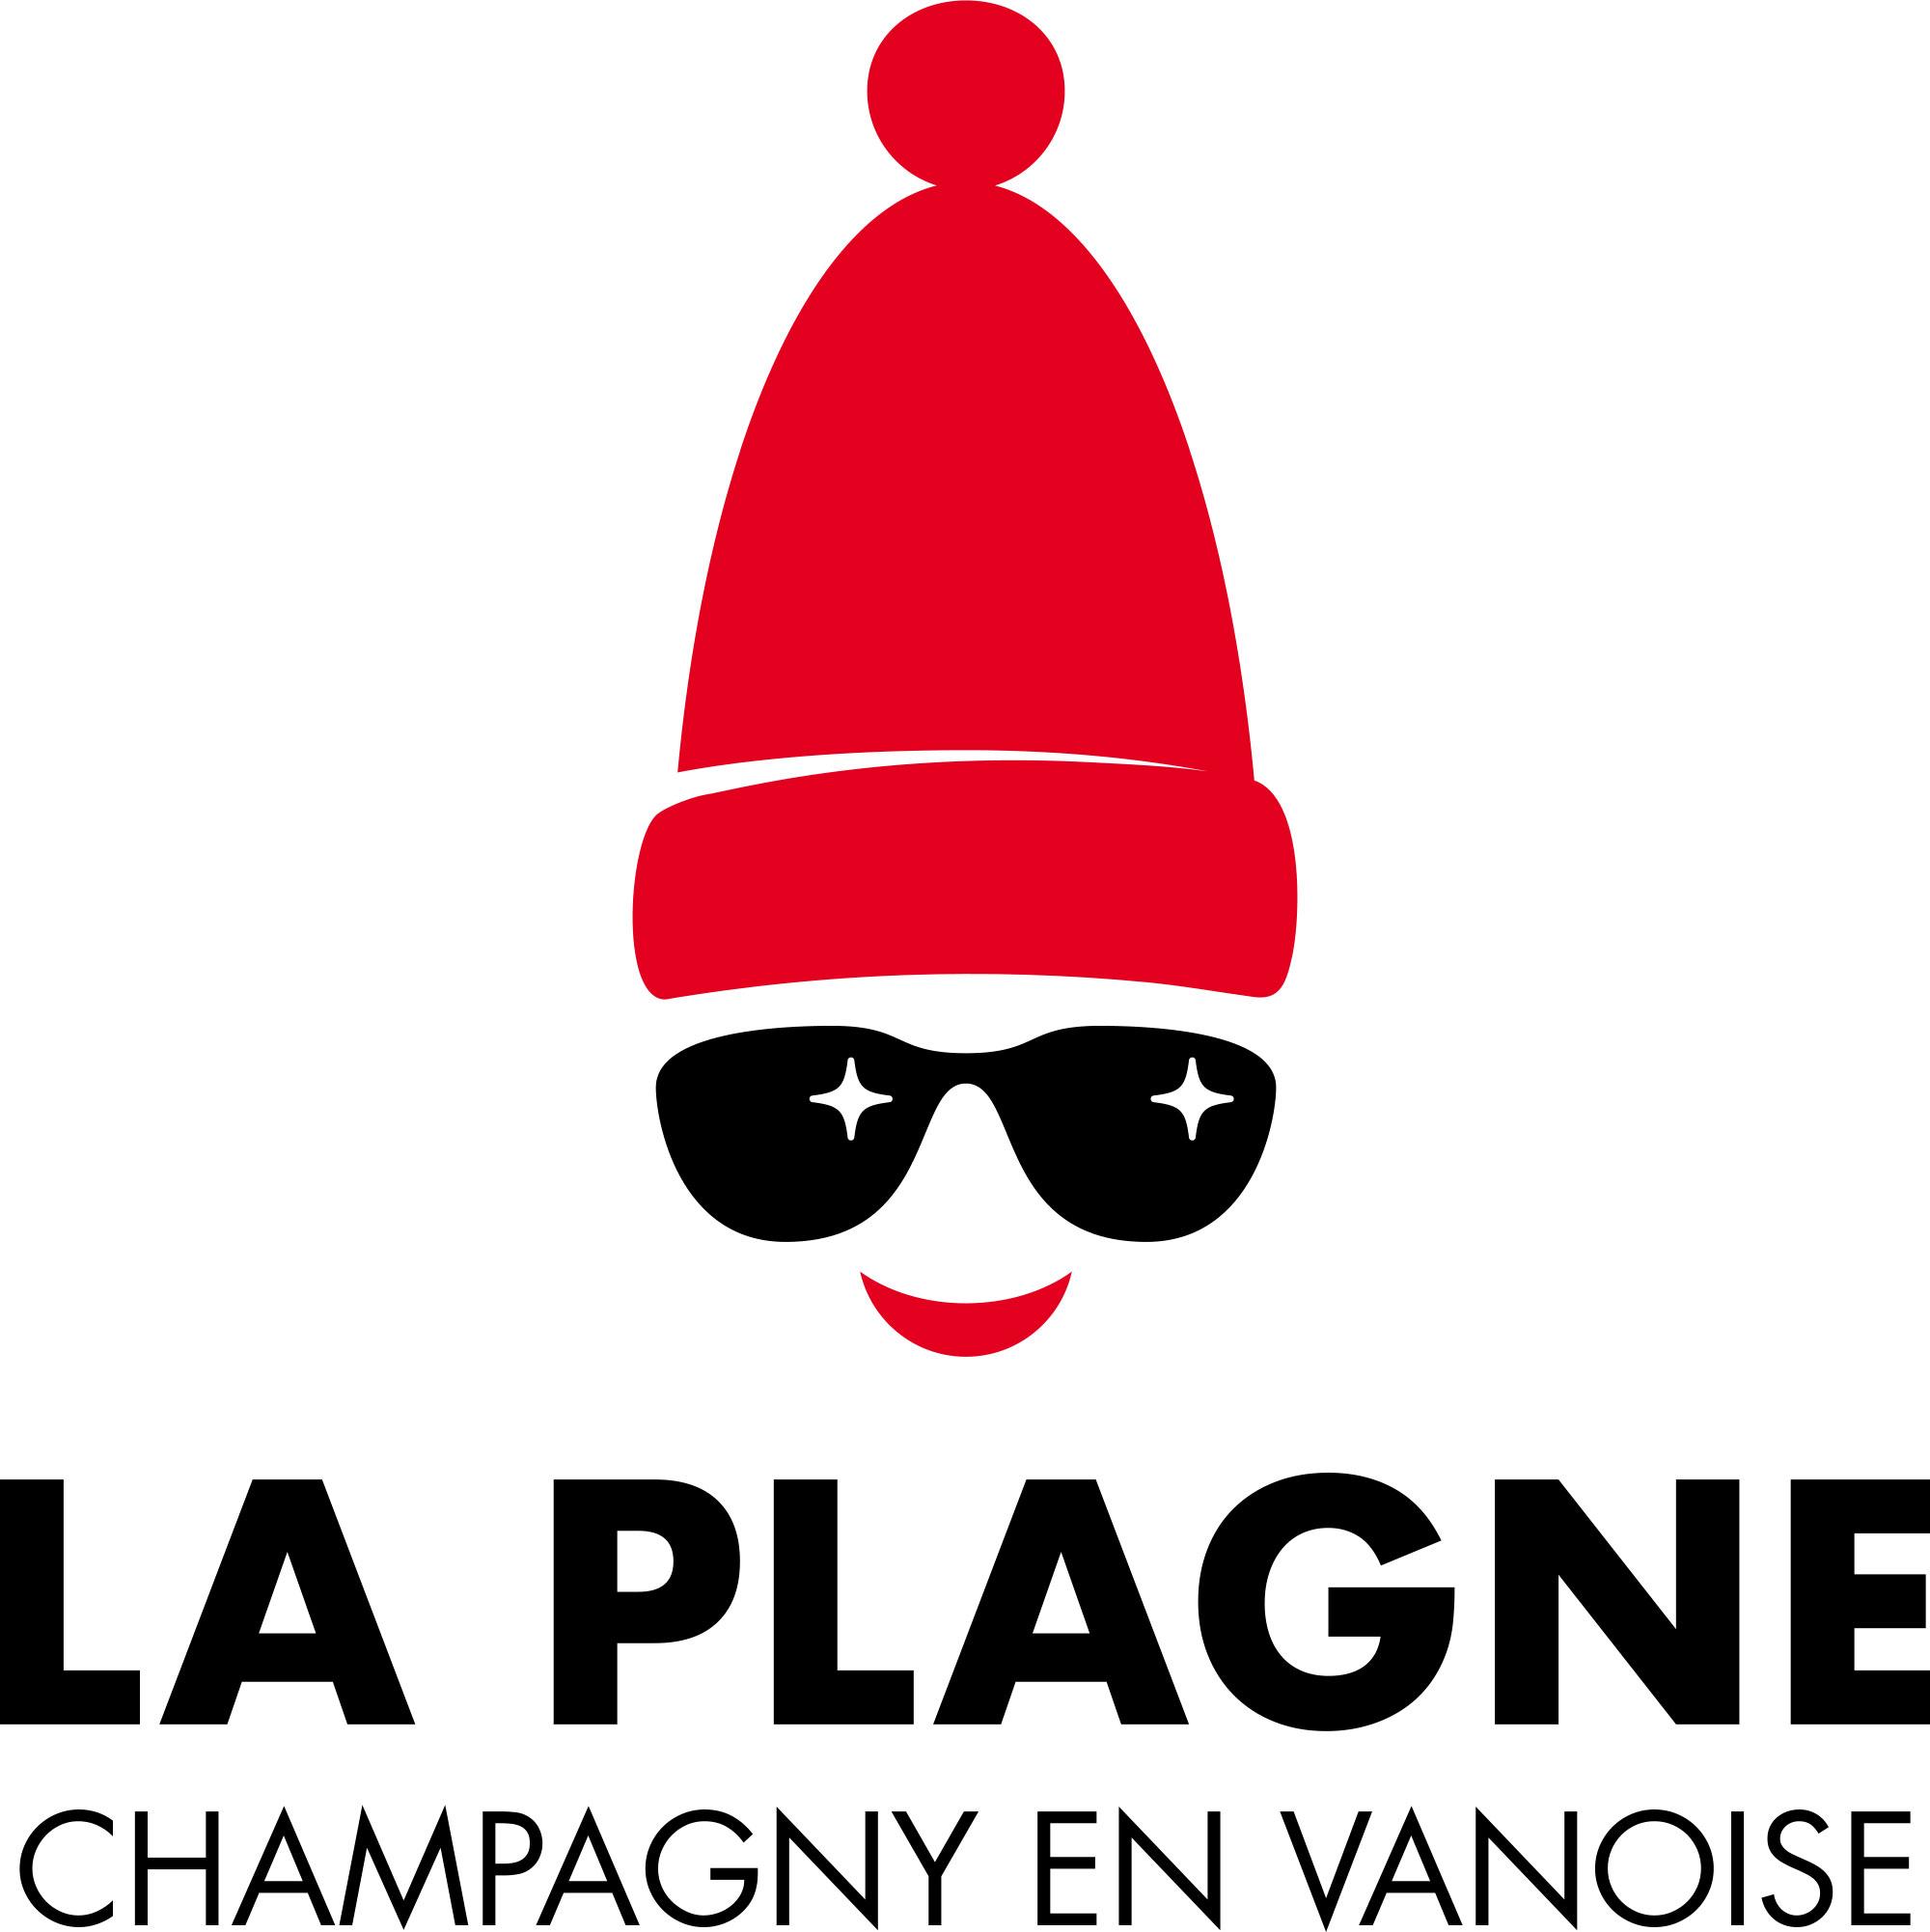 Champagny-en-Vanoise